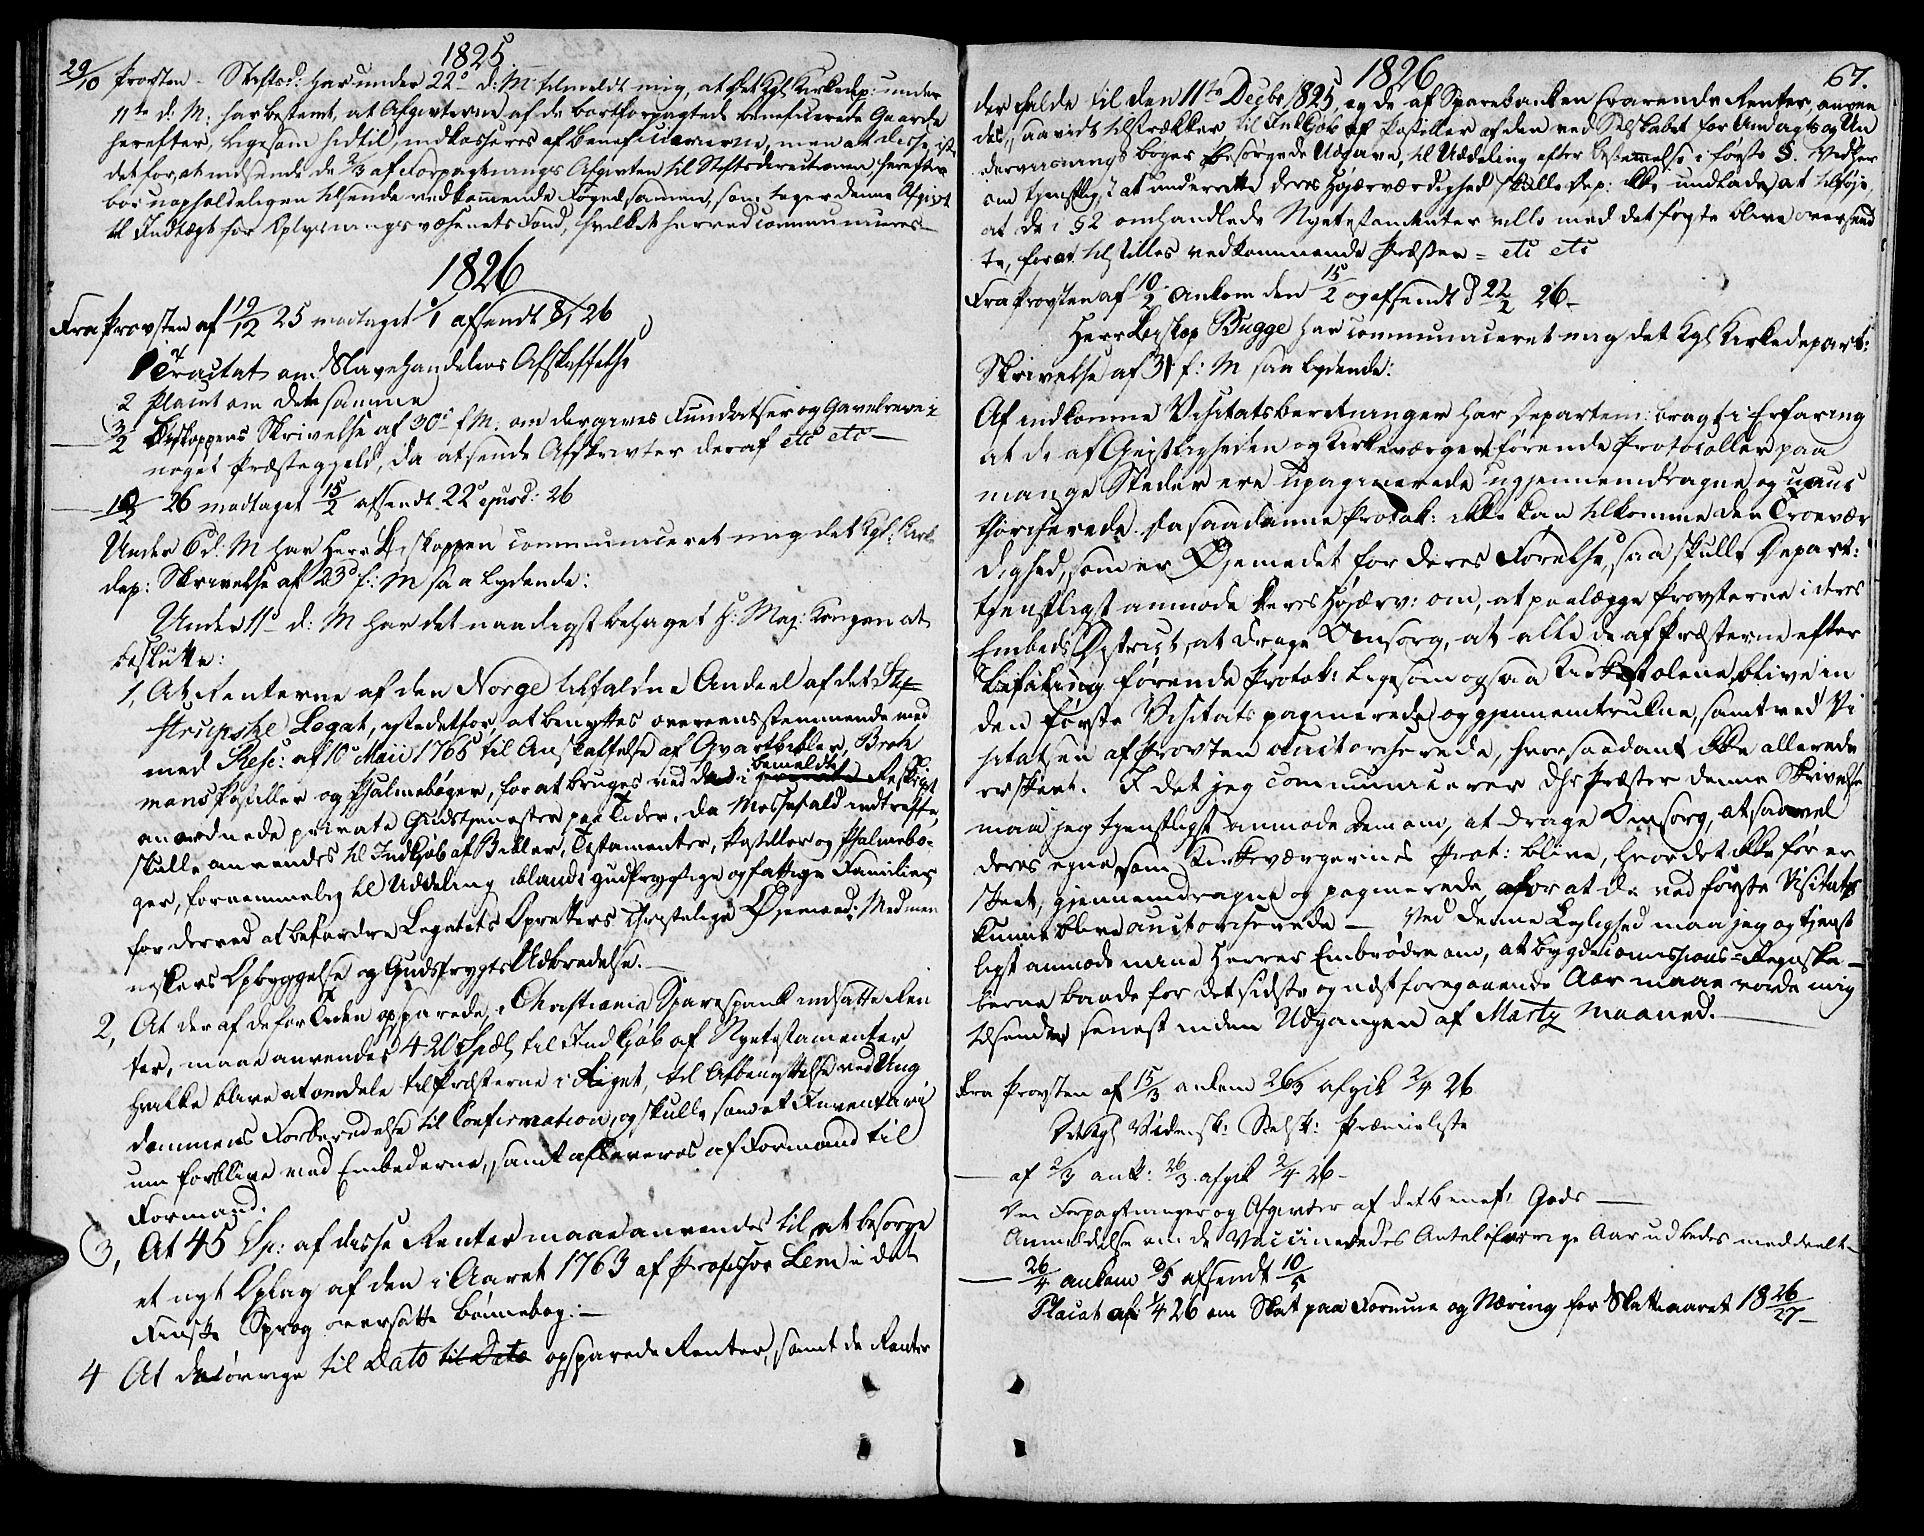 SAT, Ministerialprotokoller, klokkerbøker og fødselsregistre - Sør-Trøndelag, 685/L0953: Ministerialbok nr. 685A02, 1805-1816, s. 67